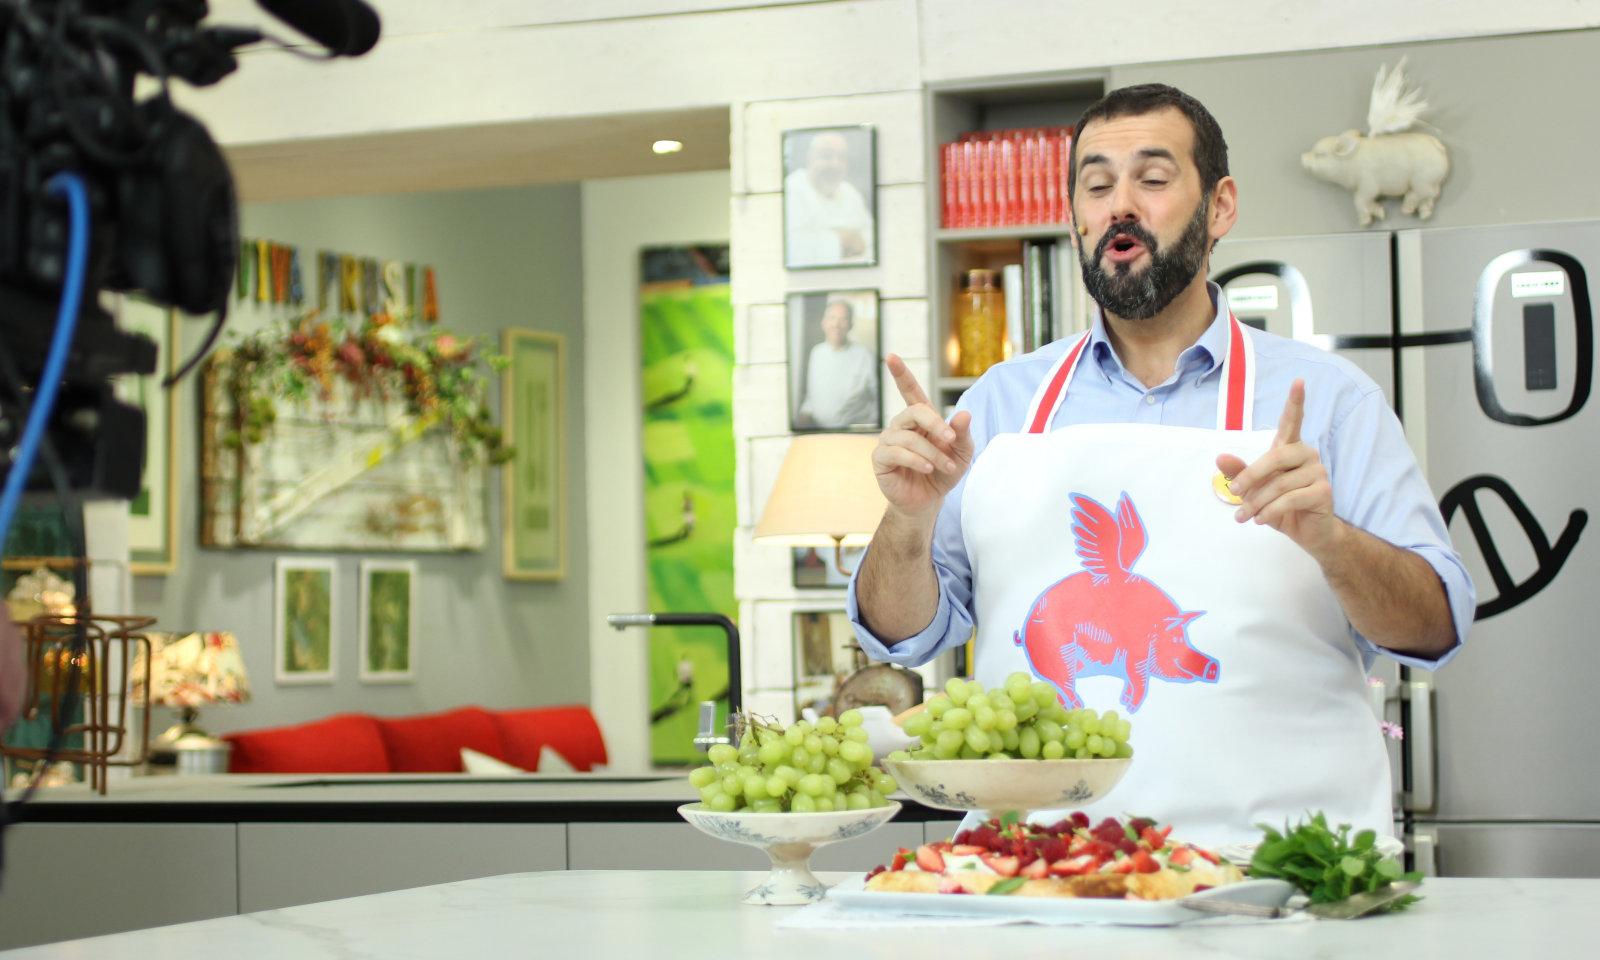 Hermoso cocina robin food fotos telecinco retirara el for La cocina de david de jorge